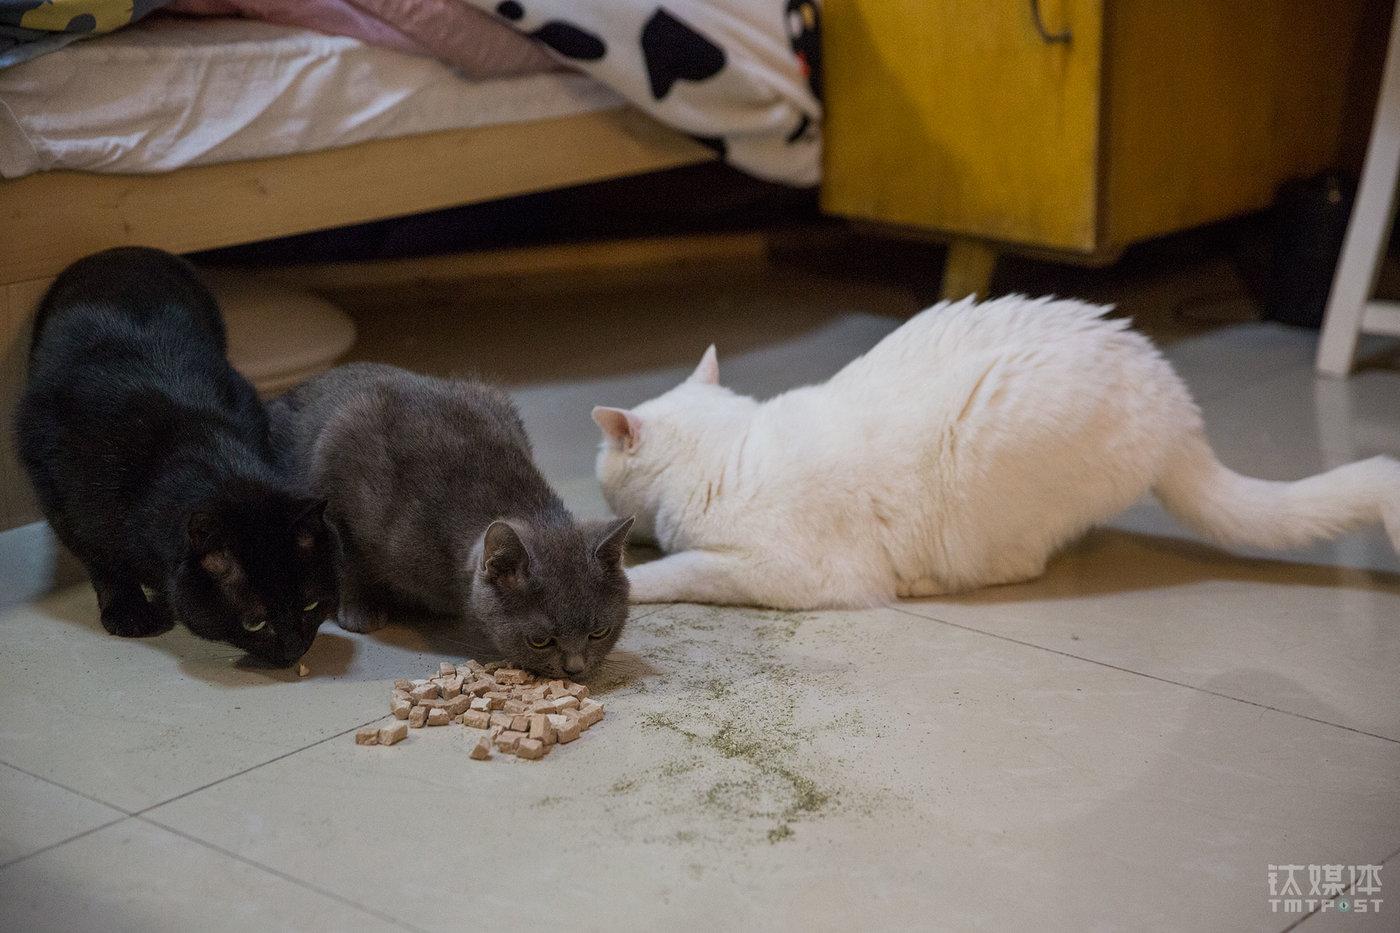 三只猫分别叫包包(右)、小二黑(左)、公主(中)。5年前,Julia开始养猫,第一只是白猫包包。经常出差的工作节奏,让她没有太多时间陪伴猫,为了让包包有个伴,一年后Julia又领养了小黑。当包包和小黑慢慢长大,她又抱养了公主。(摄影师到来时,小黑和公主很快躲到床底下不再出现,为了让摄影师顺利拍摄到3只猫在一起的状态,Julia在地上撒了猫薄荷、零食等,成功吸引了3只猫同框。)